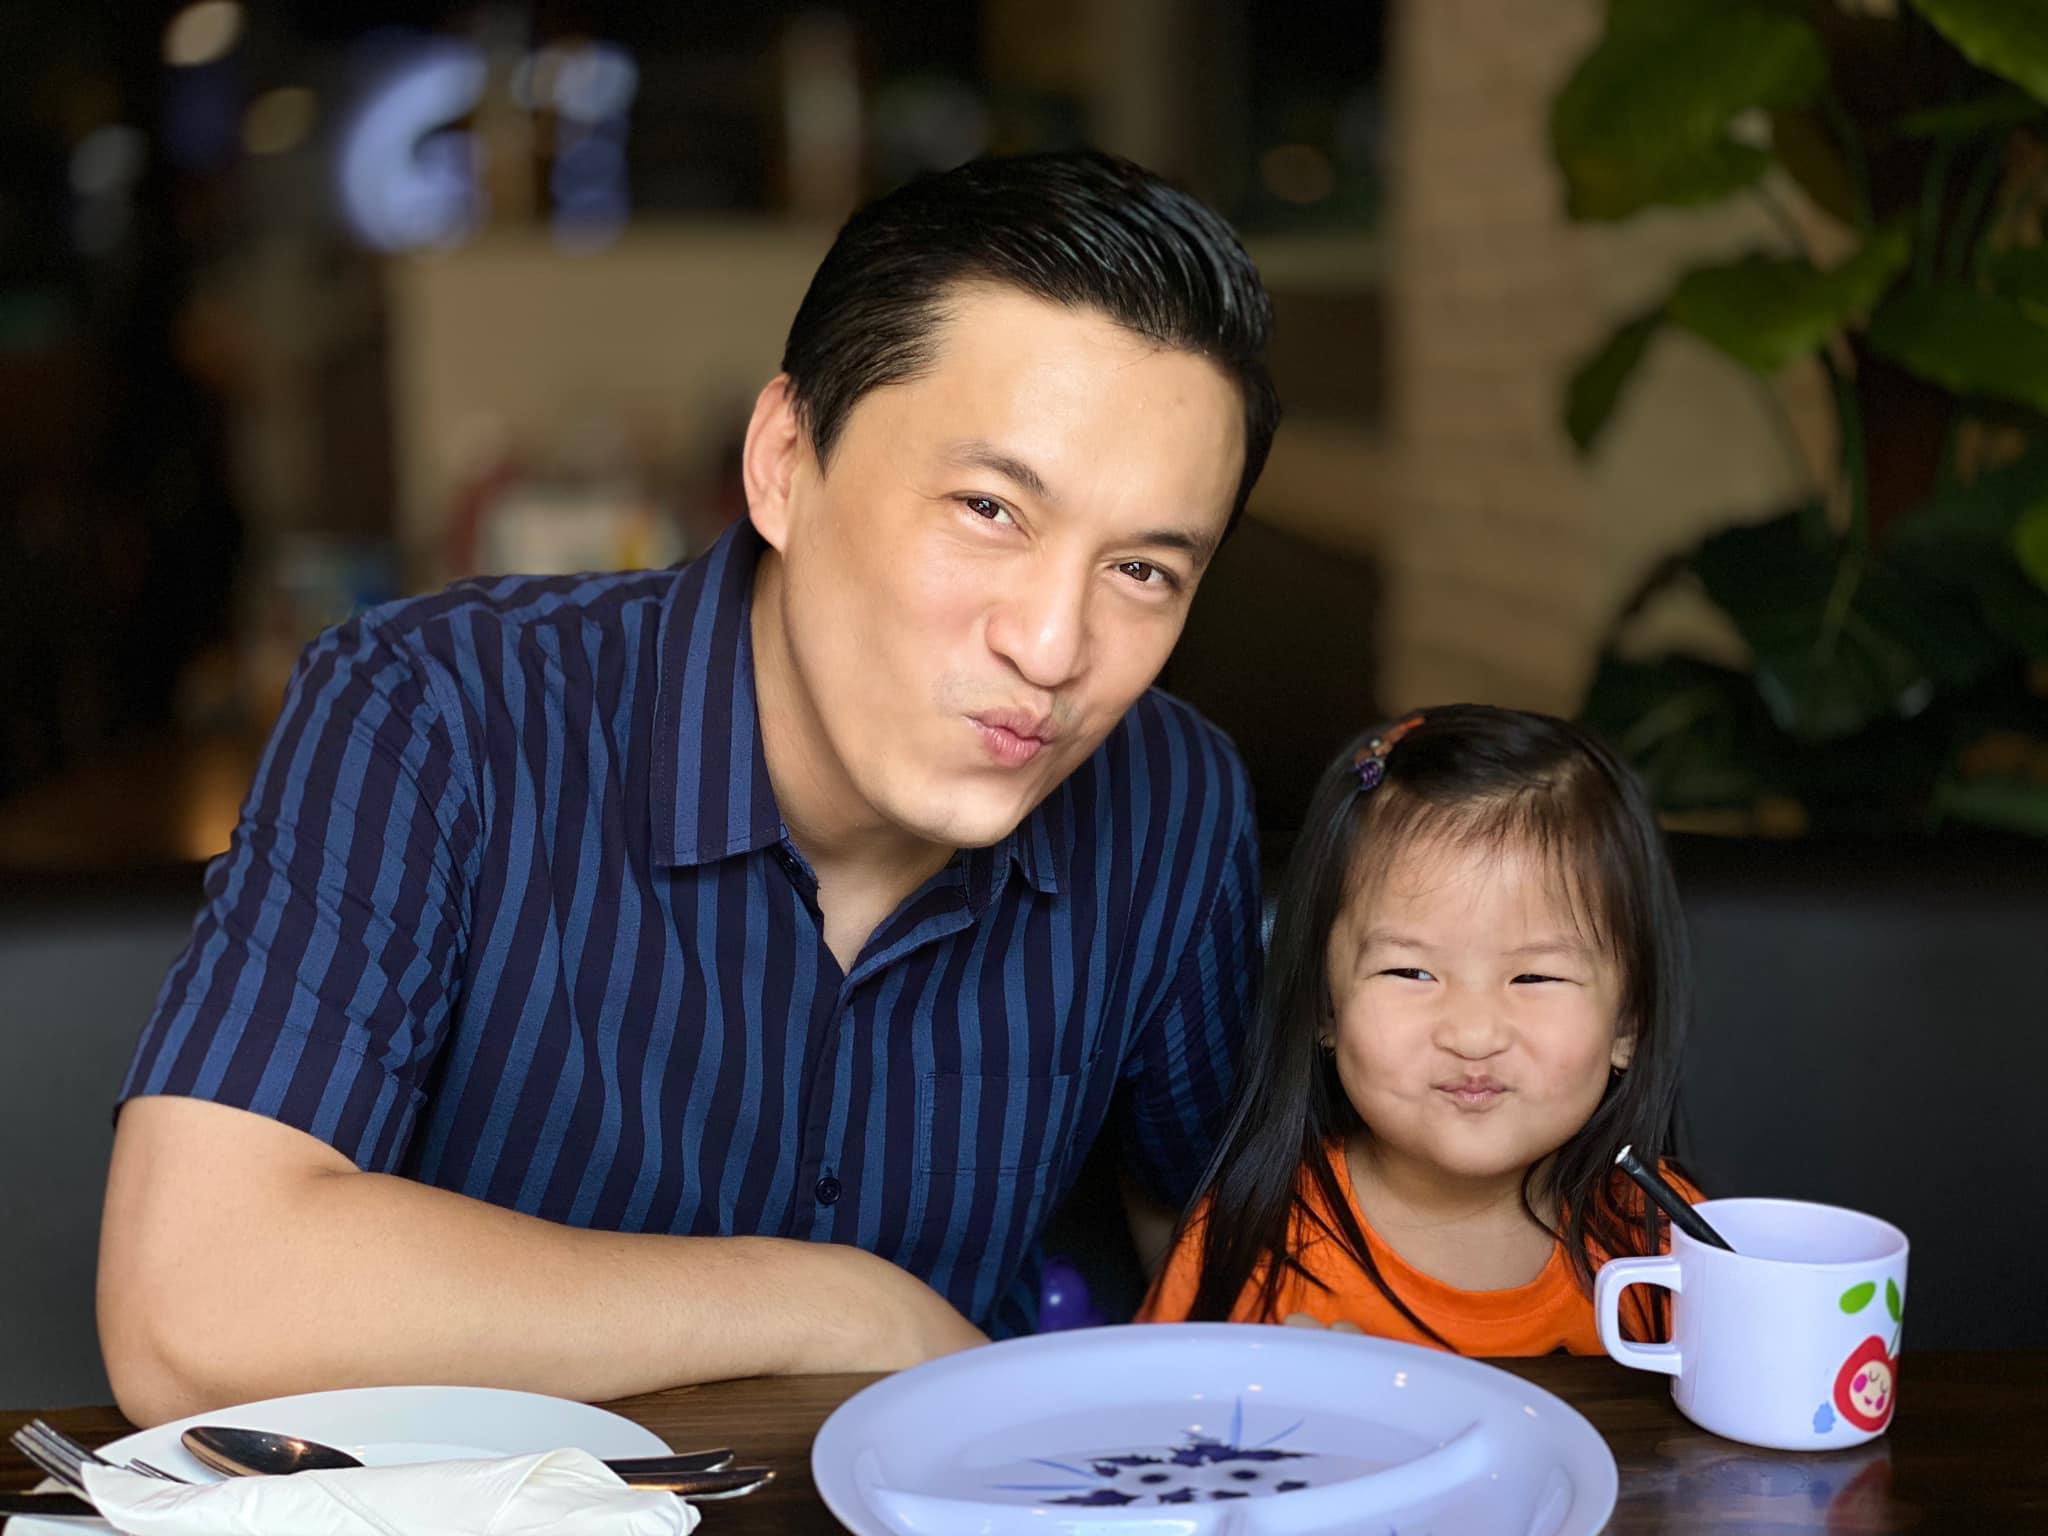 Sao Việt 24h: Hình ảnh đẹp amp;#34;thoát tụcamp;#34; của Angela Phương Trinh ở chùa gây bão mạng - 19